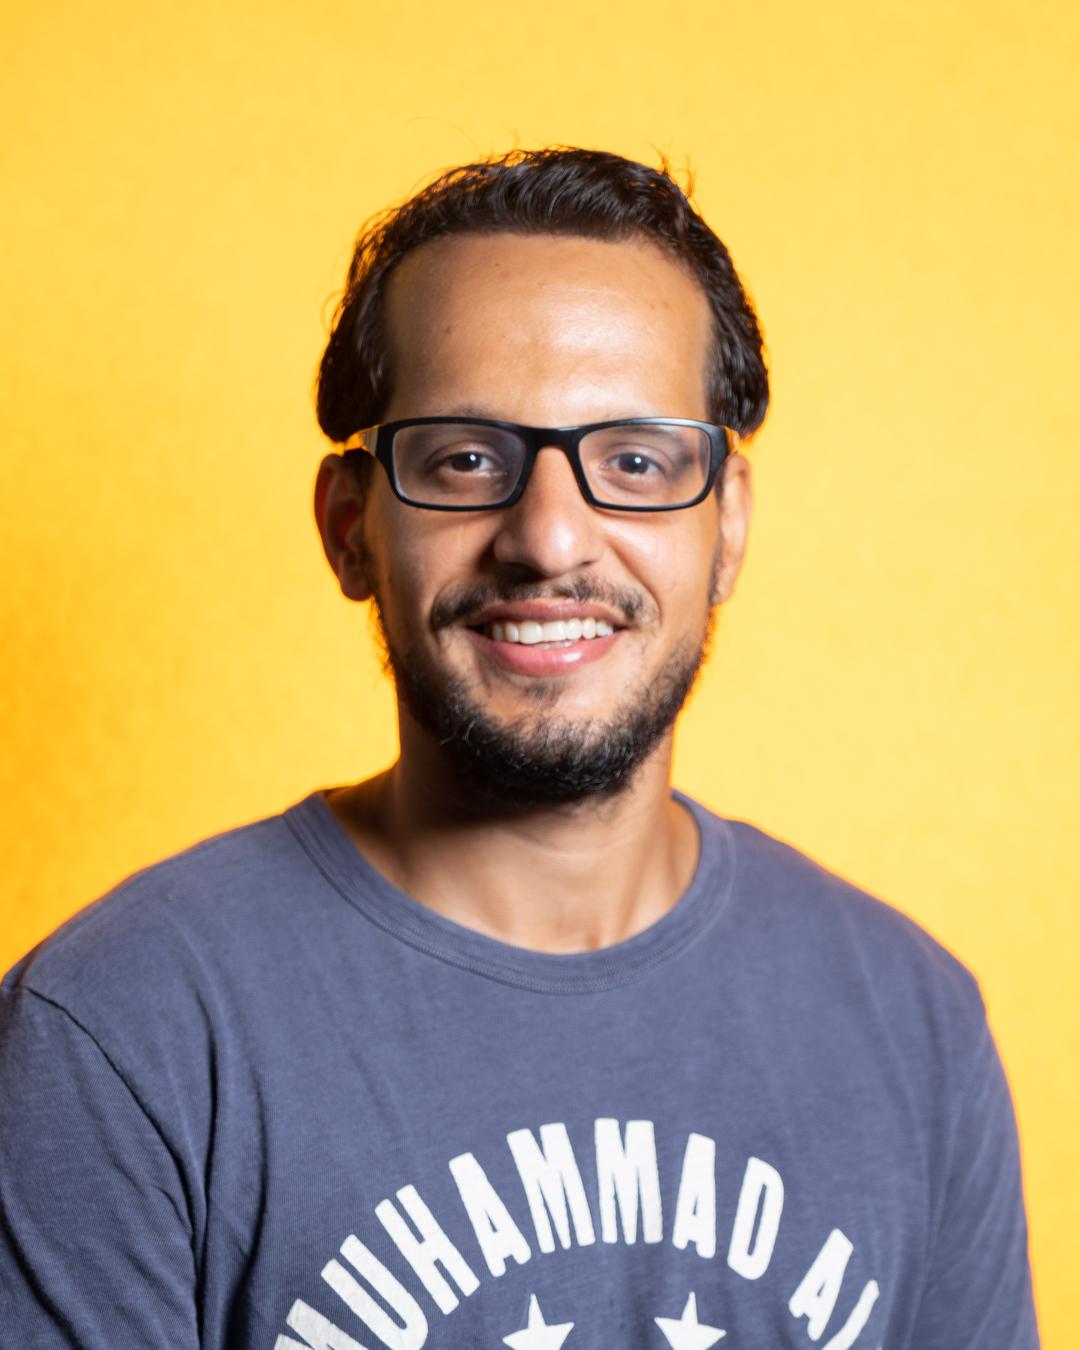 Abdulrahma Abdulla